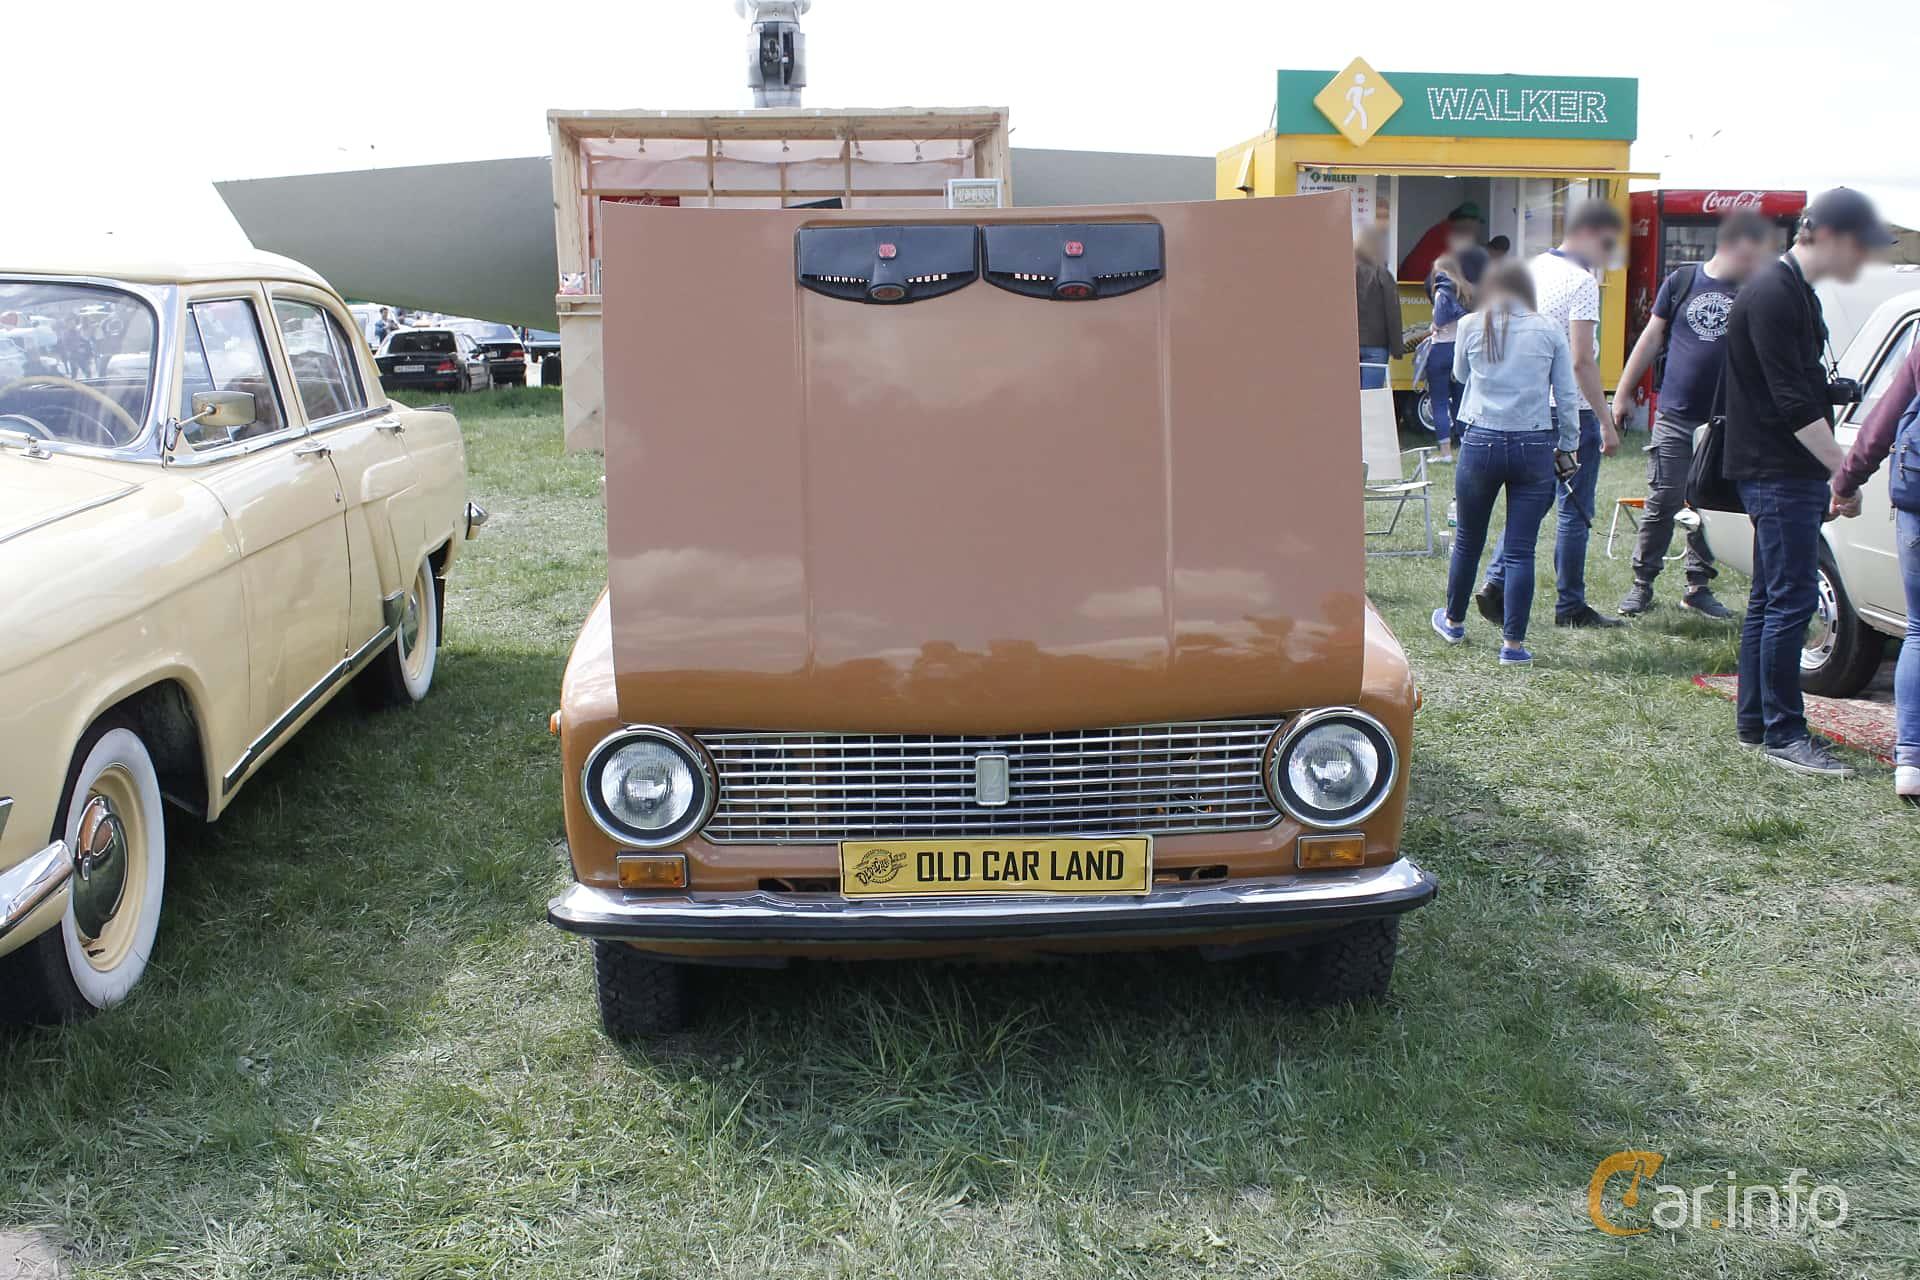 VAZ VAZ-21011 1.3 Manuell, 68hk, 1978 at Old Car Land no.1 2018